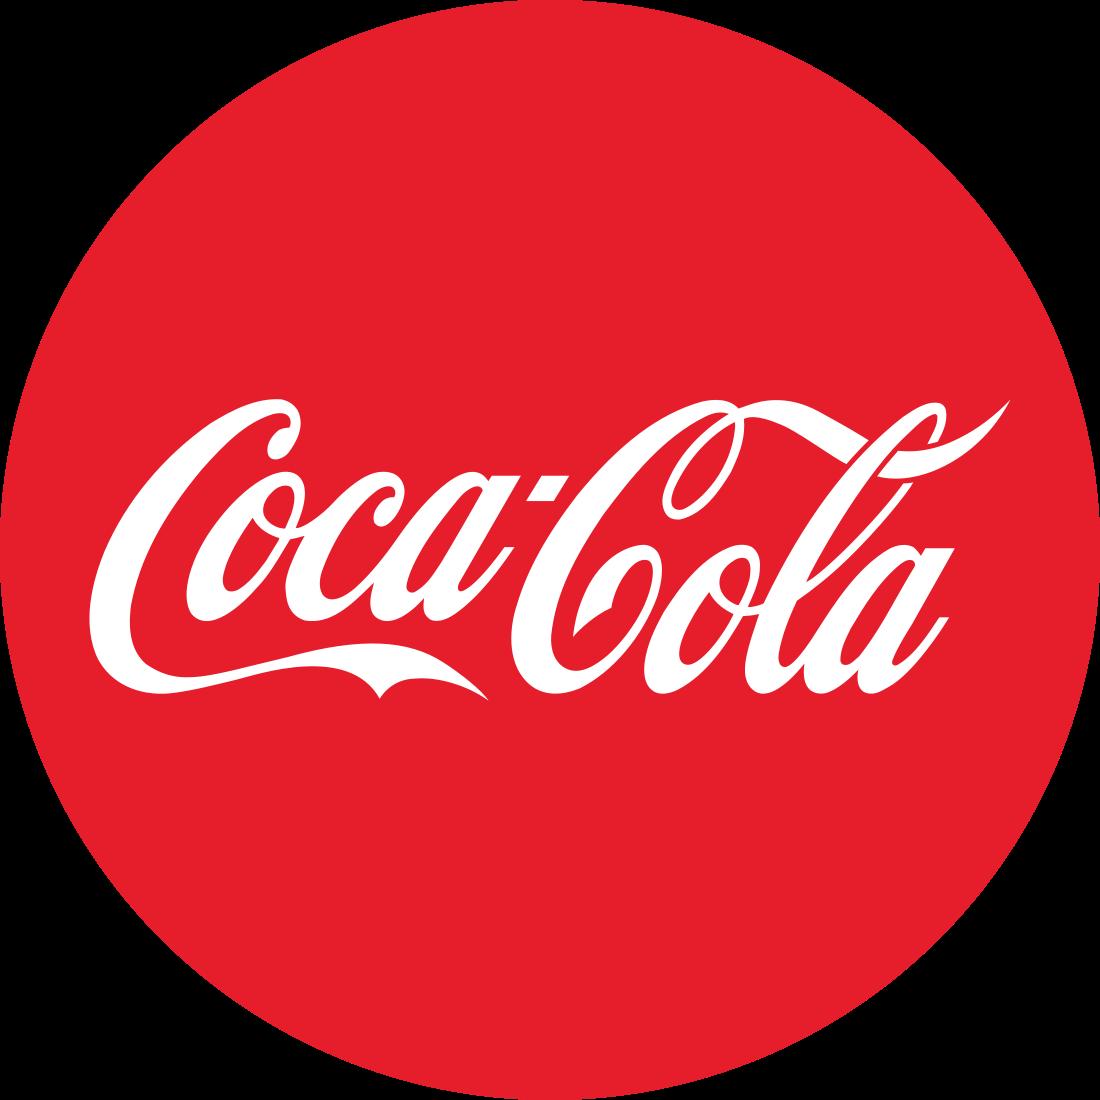 coca cola logo 7 - Coca-Cola Logo